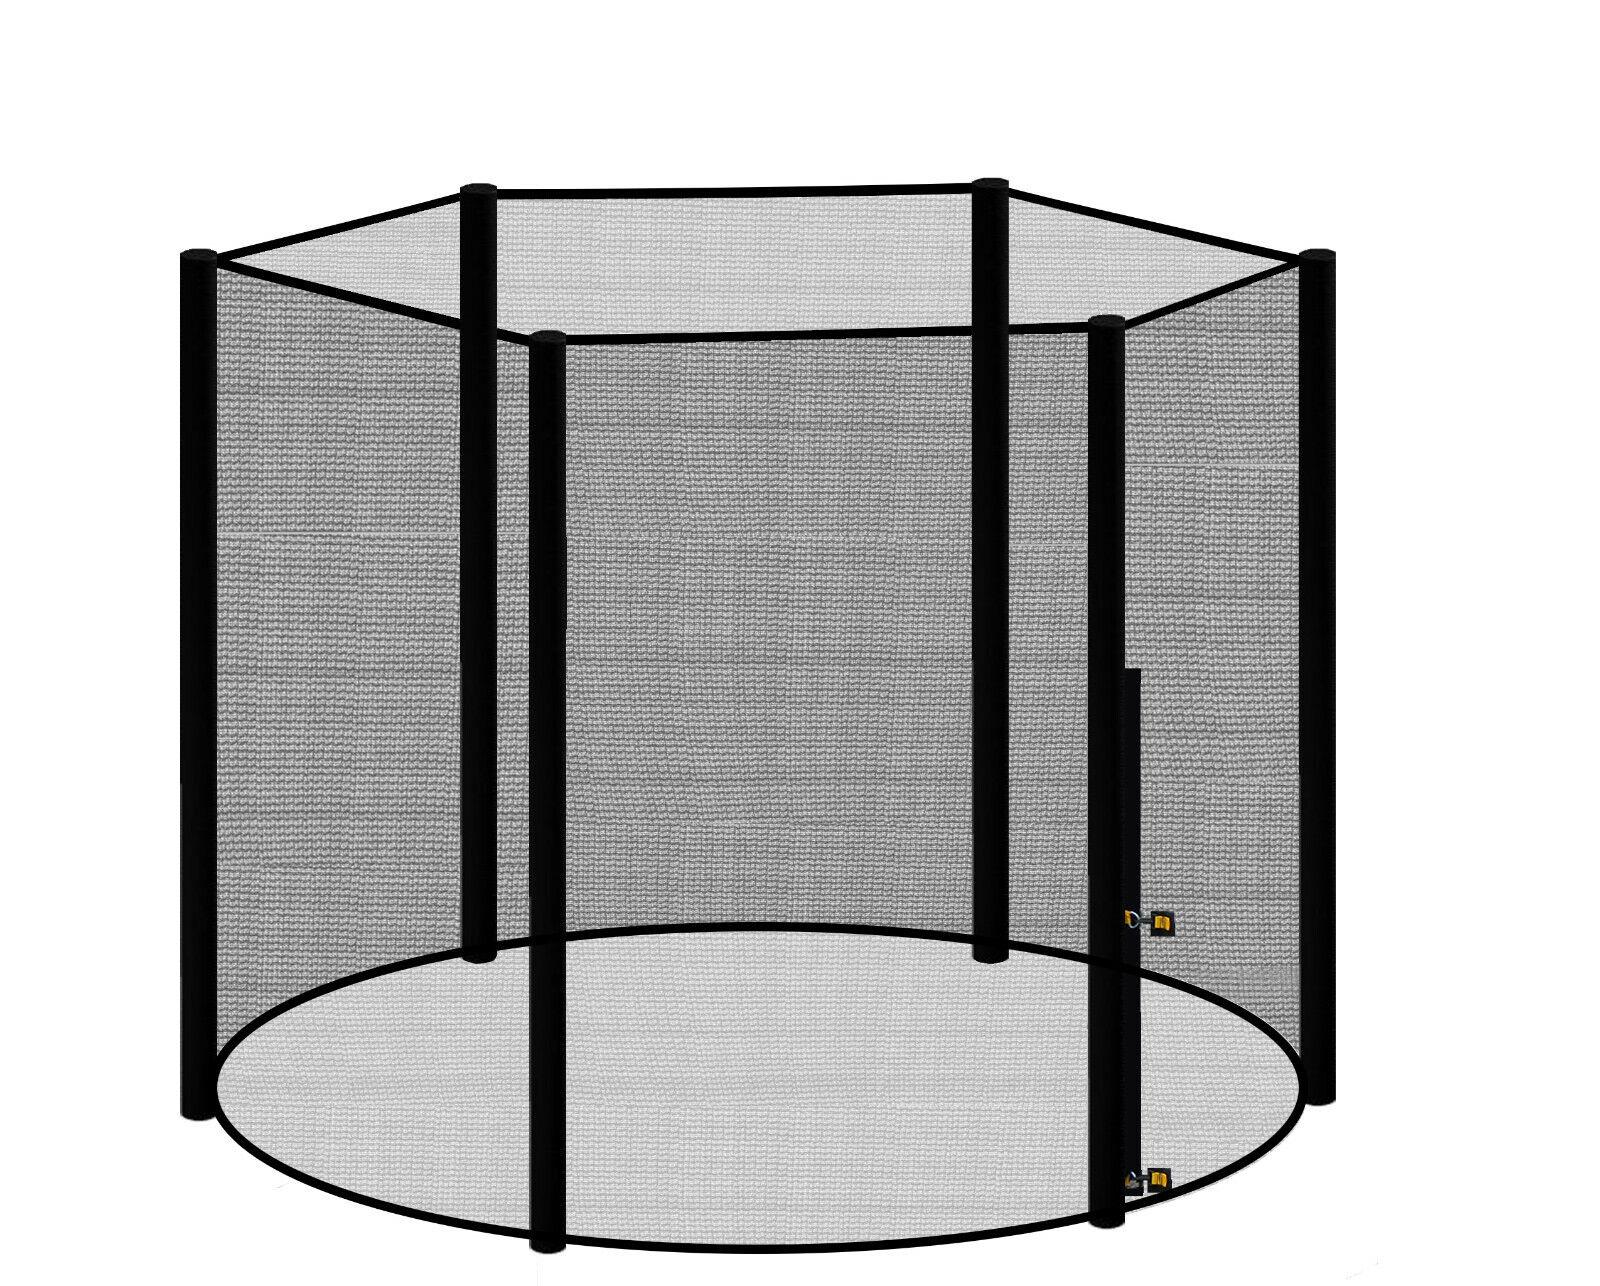 Trampolino rete di sicurezza 460 cm rete 4,60 M per 6 ASTE DI RICAMBIO PEZZO DI RICAMBIO RETE